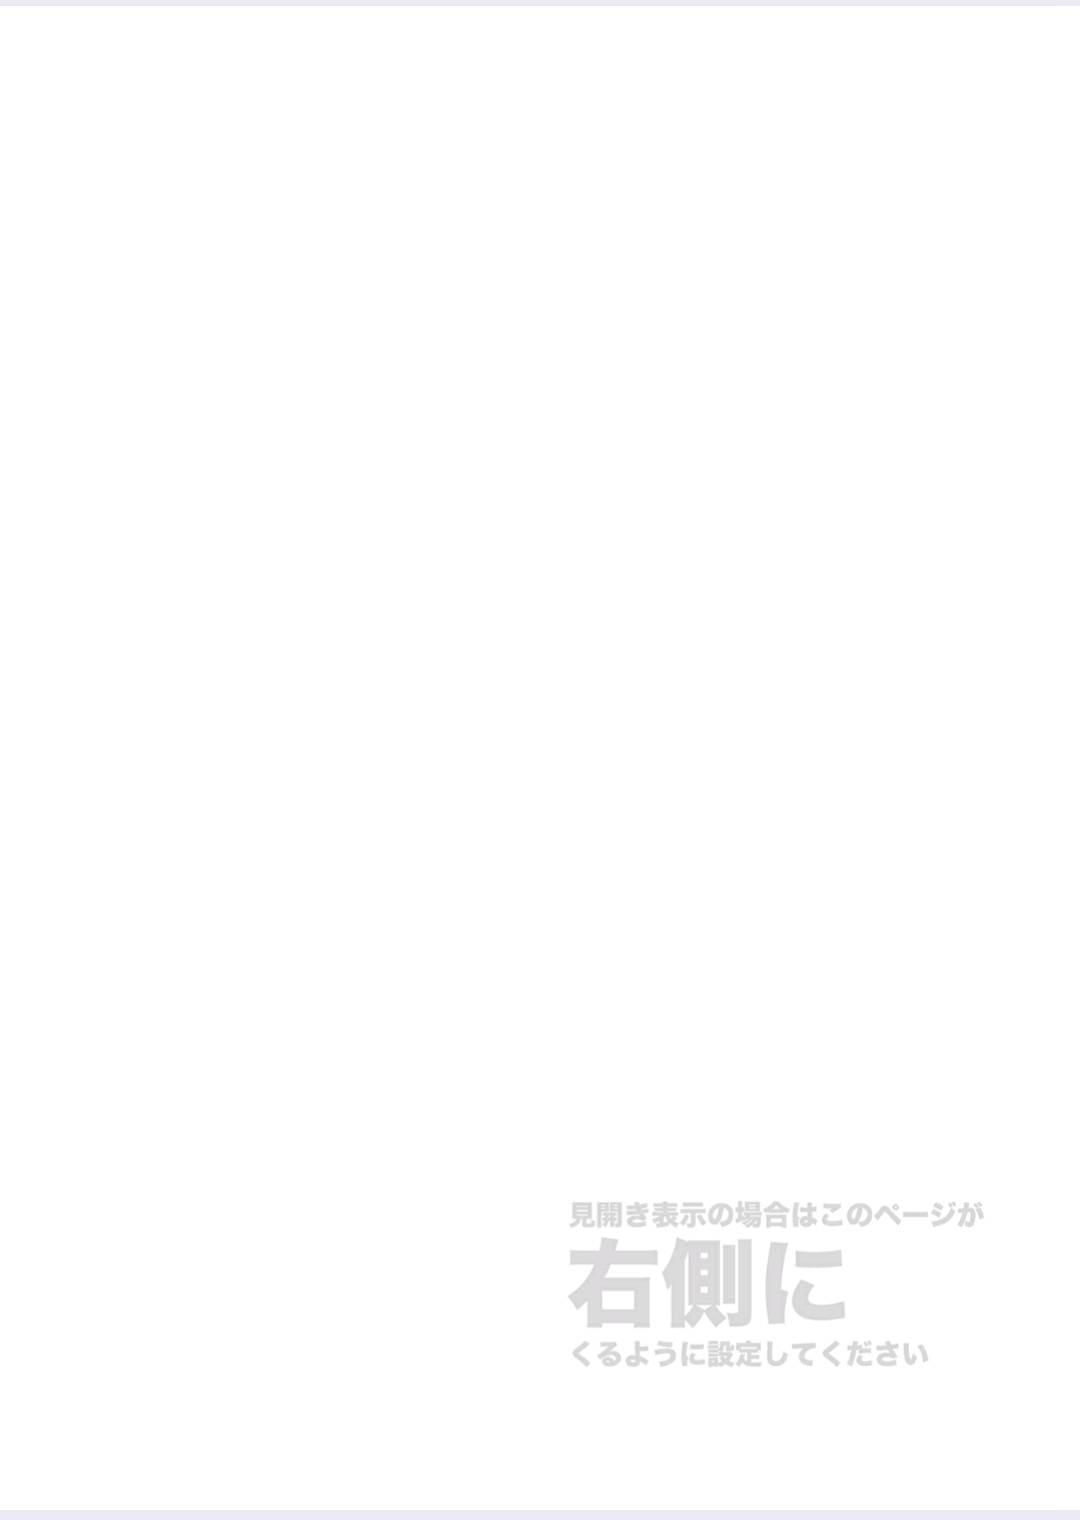 [KOWMEIISM (Kasai Kowmei)] Tadashii Danshi no Kyouren Hou (Yon) Deku to Kairai to [Digital] 2